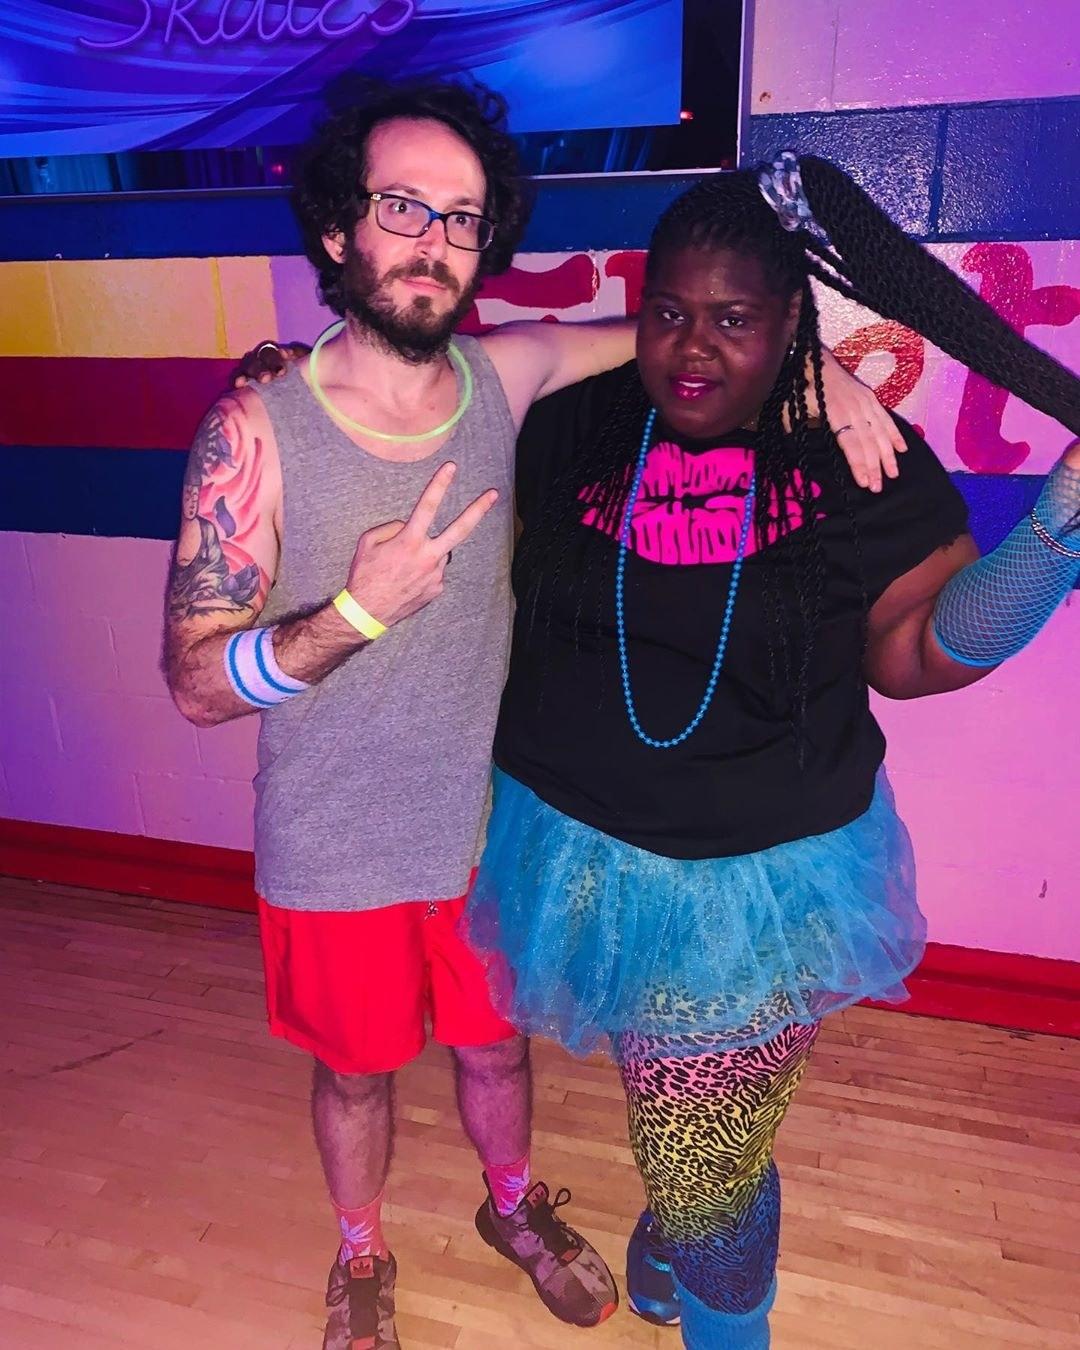 Gabourey sidibe and her boyfriend